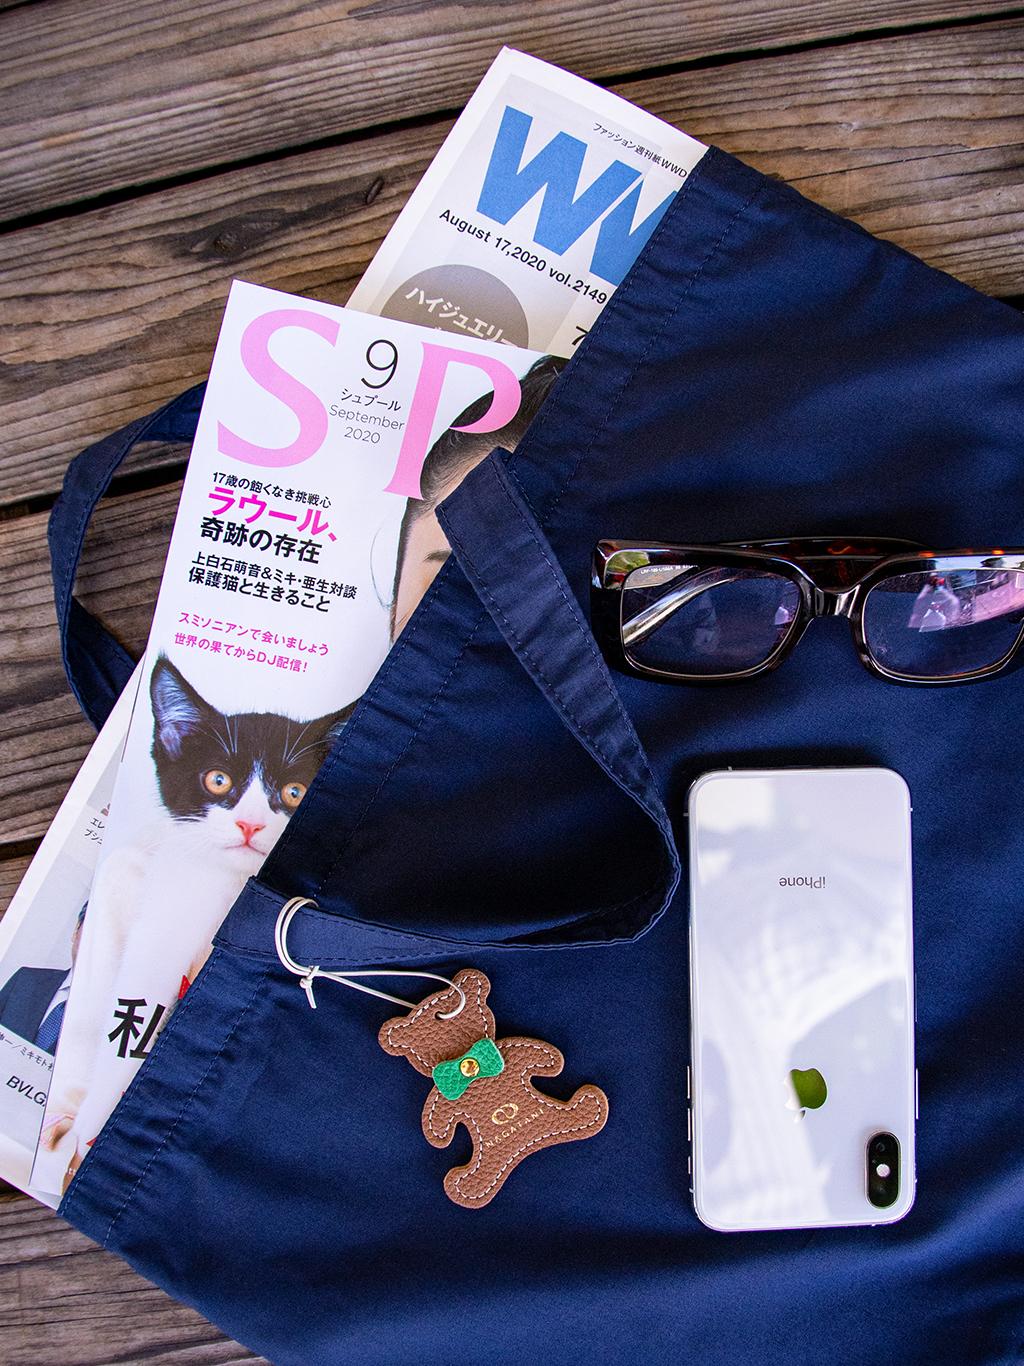 B4サイズの書類、ノートパソコン、大きめのファッション誌などを楽に収納でき、ちょっとしたお買い物、子供の通園・通学や習い事に便利なレッスンバッグ。